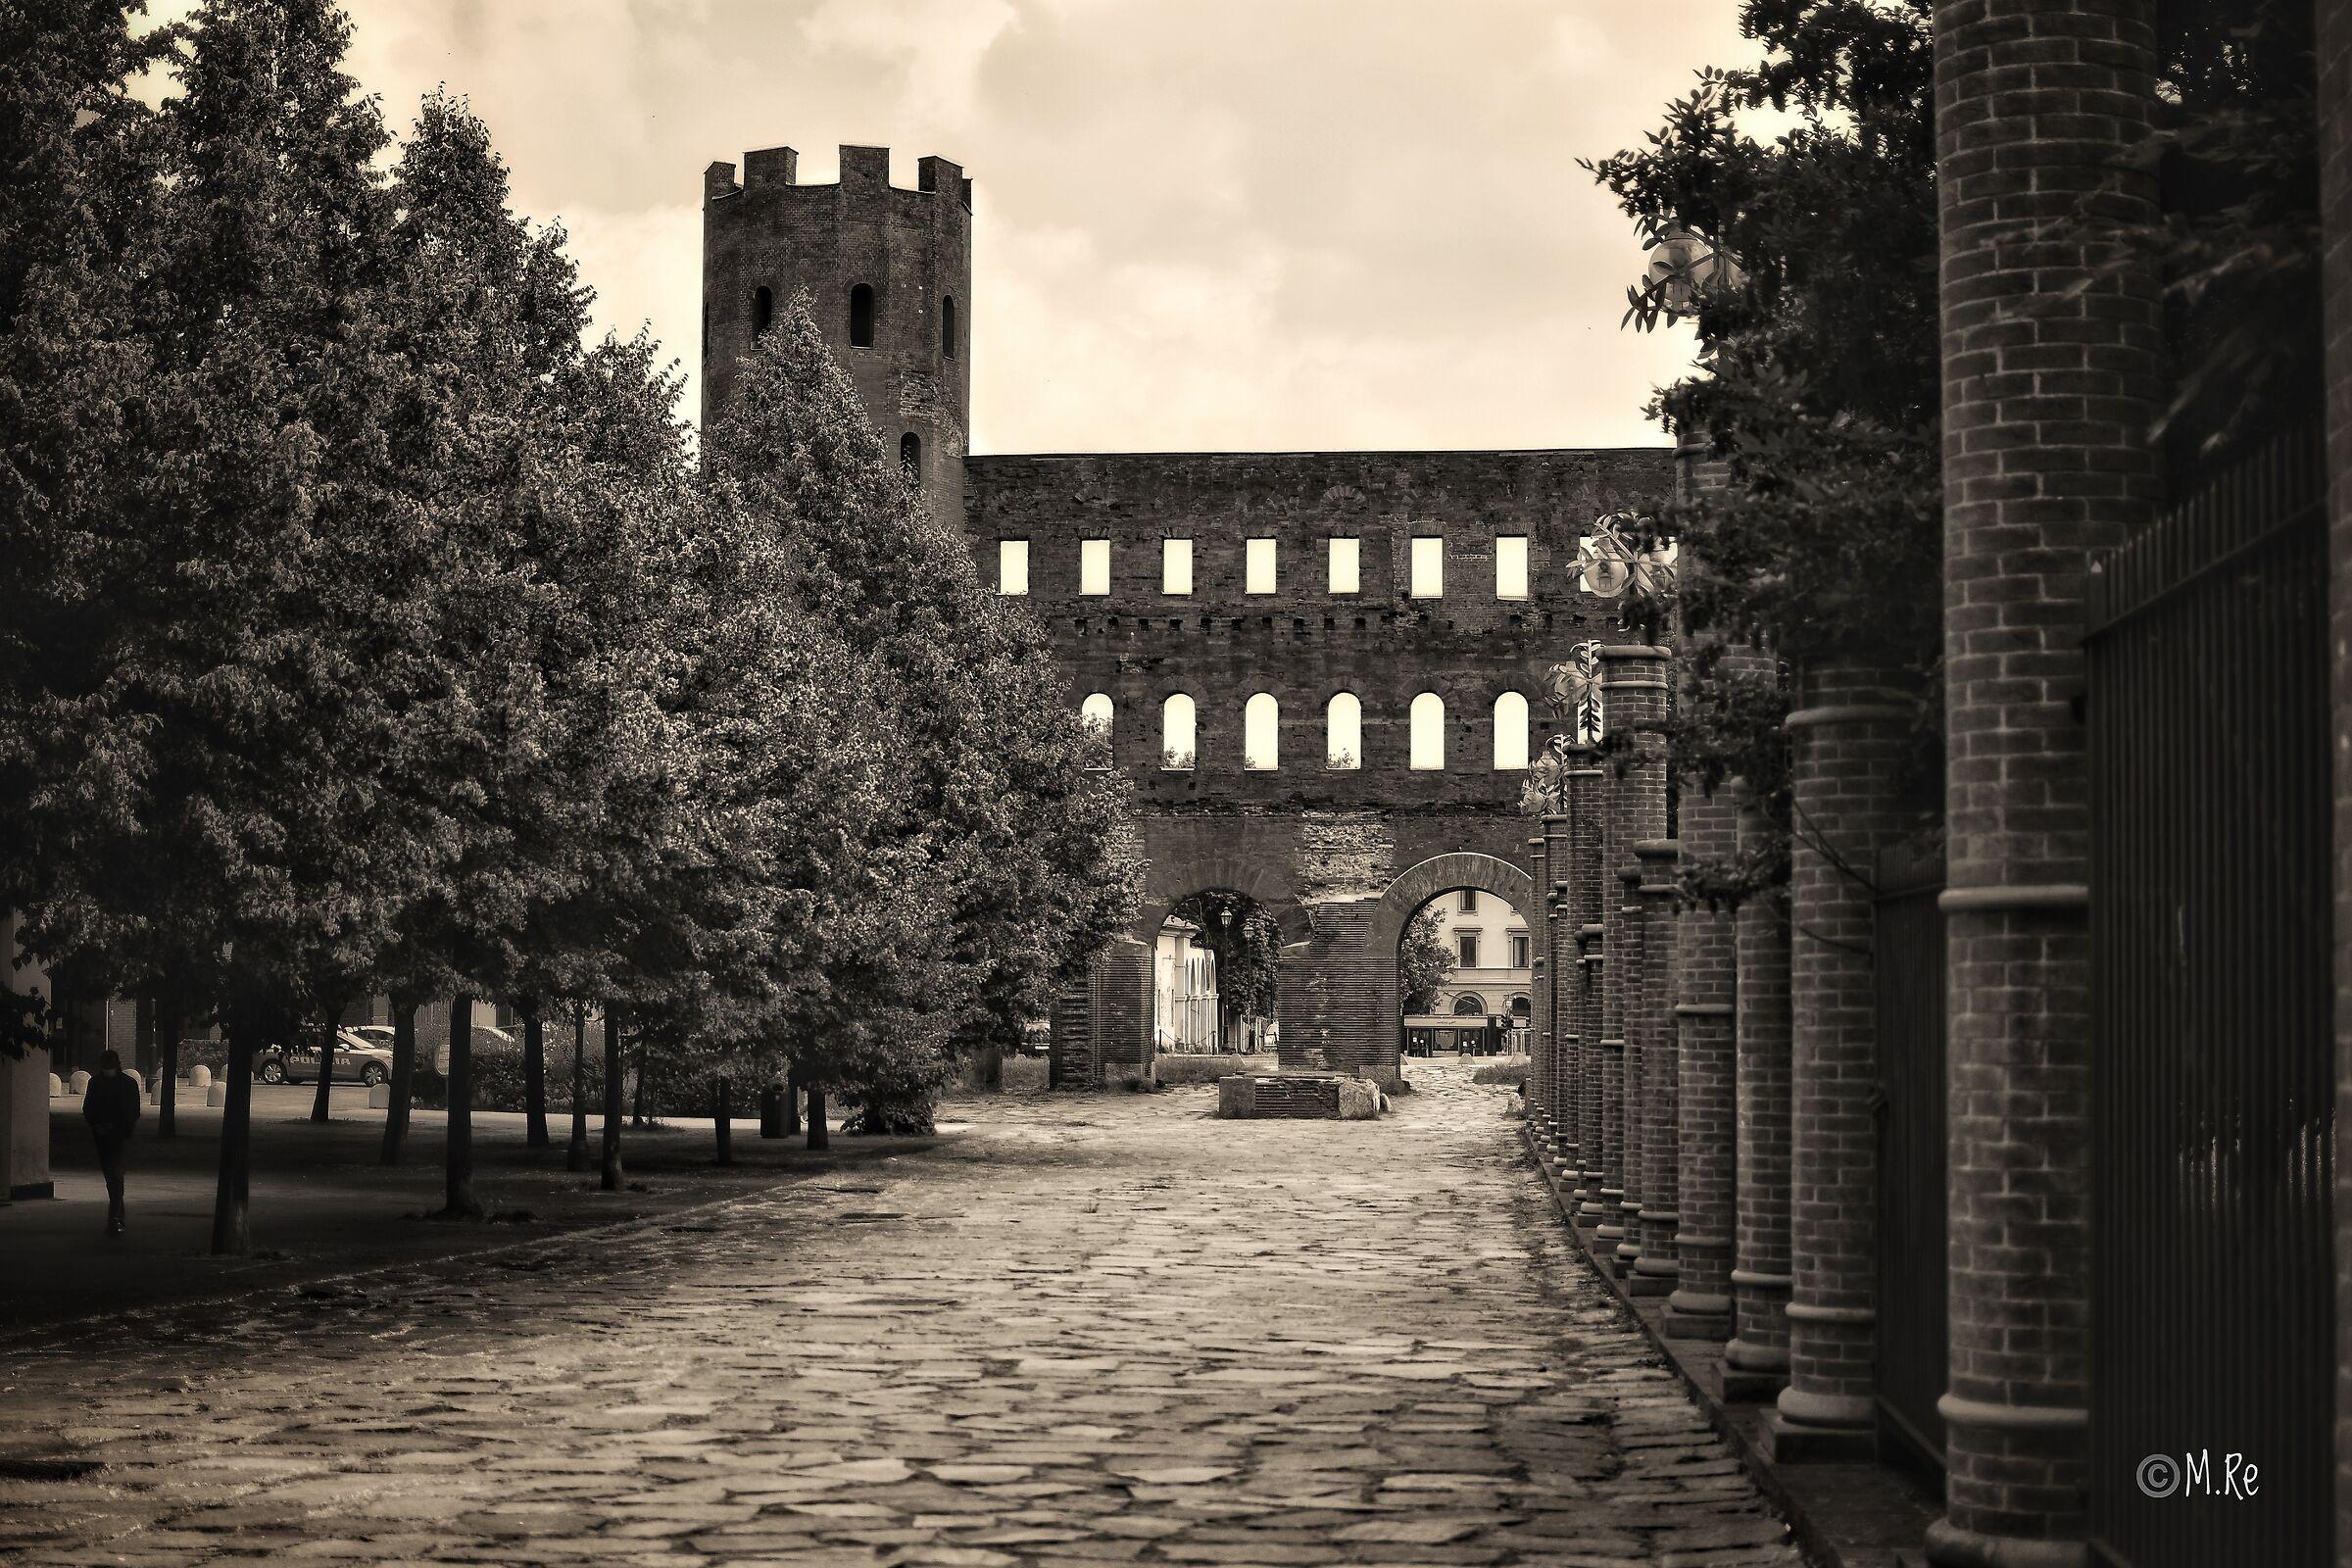 Roman Wall of Turin...